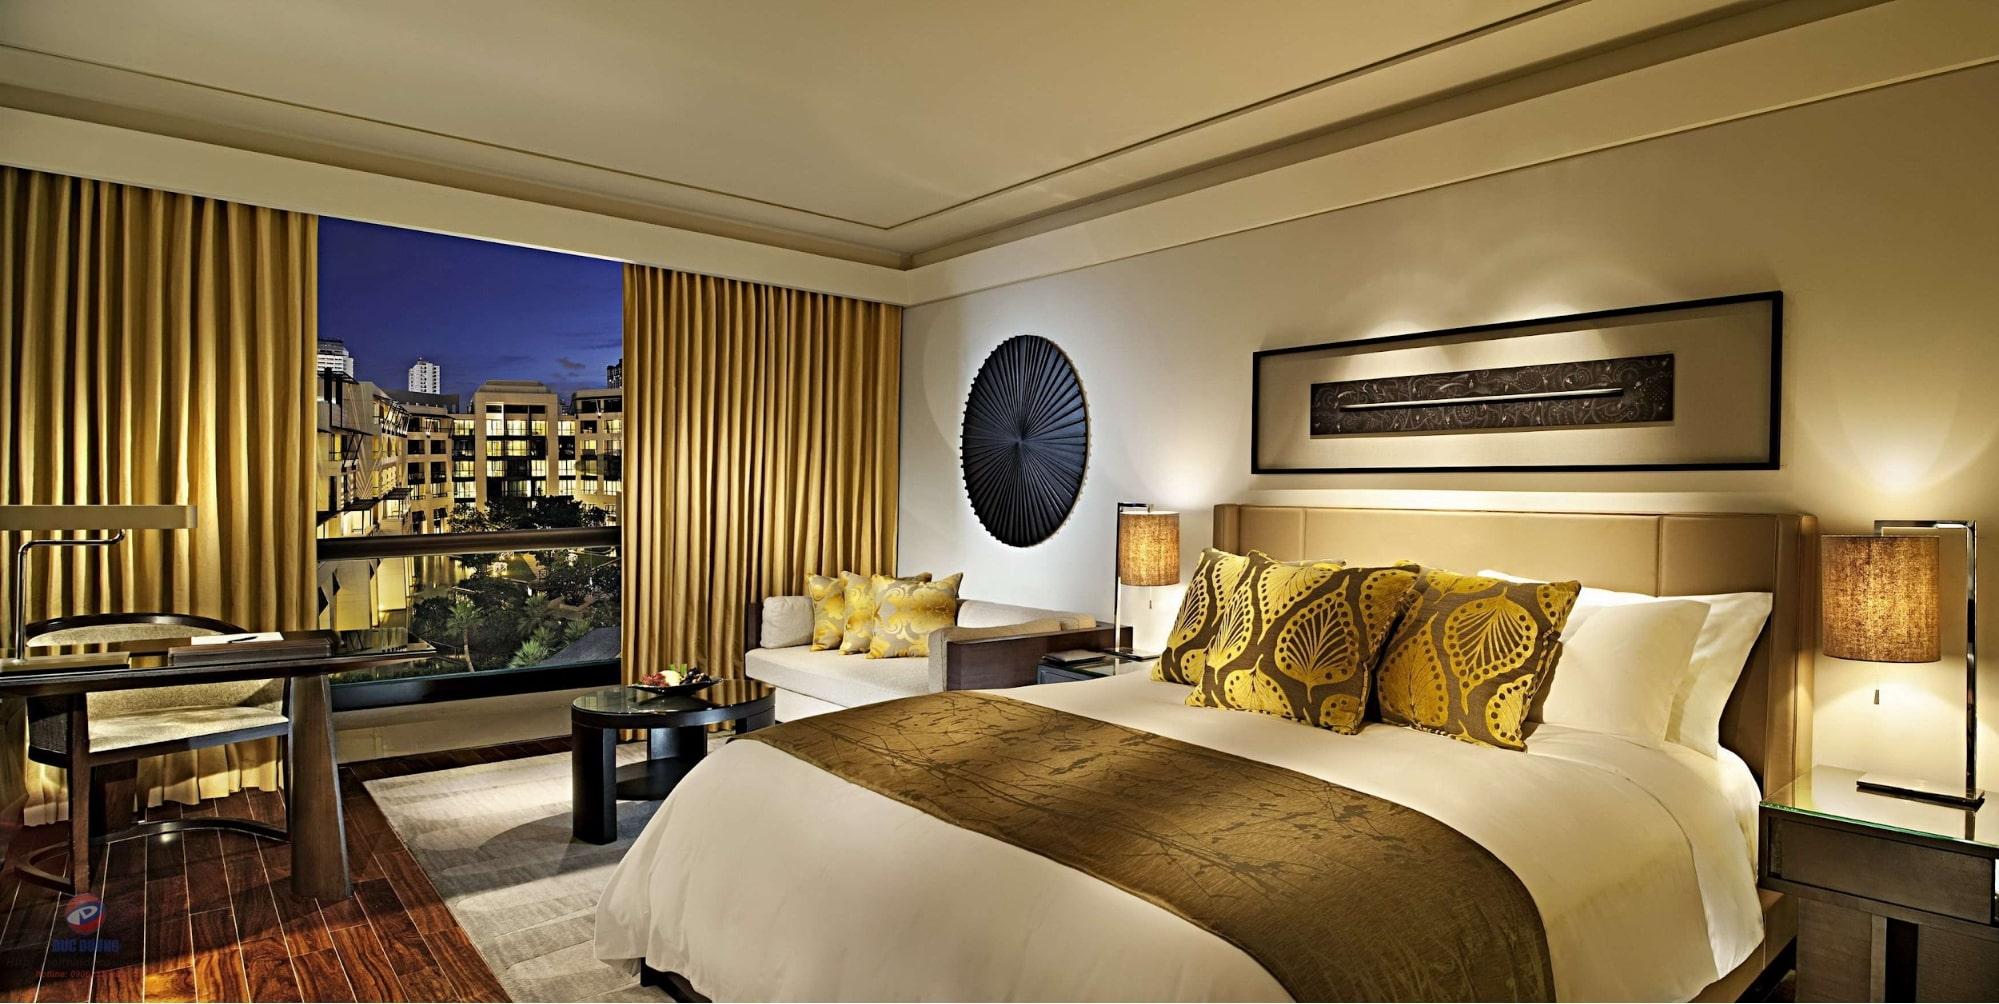 mẫu thiết kế nội thất khách sạn cho phòng ngủ